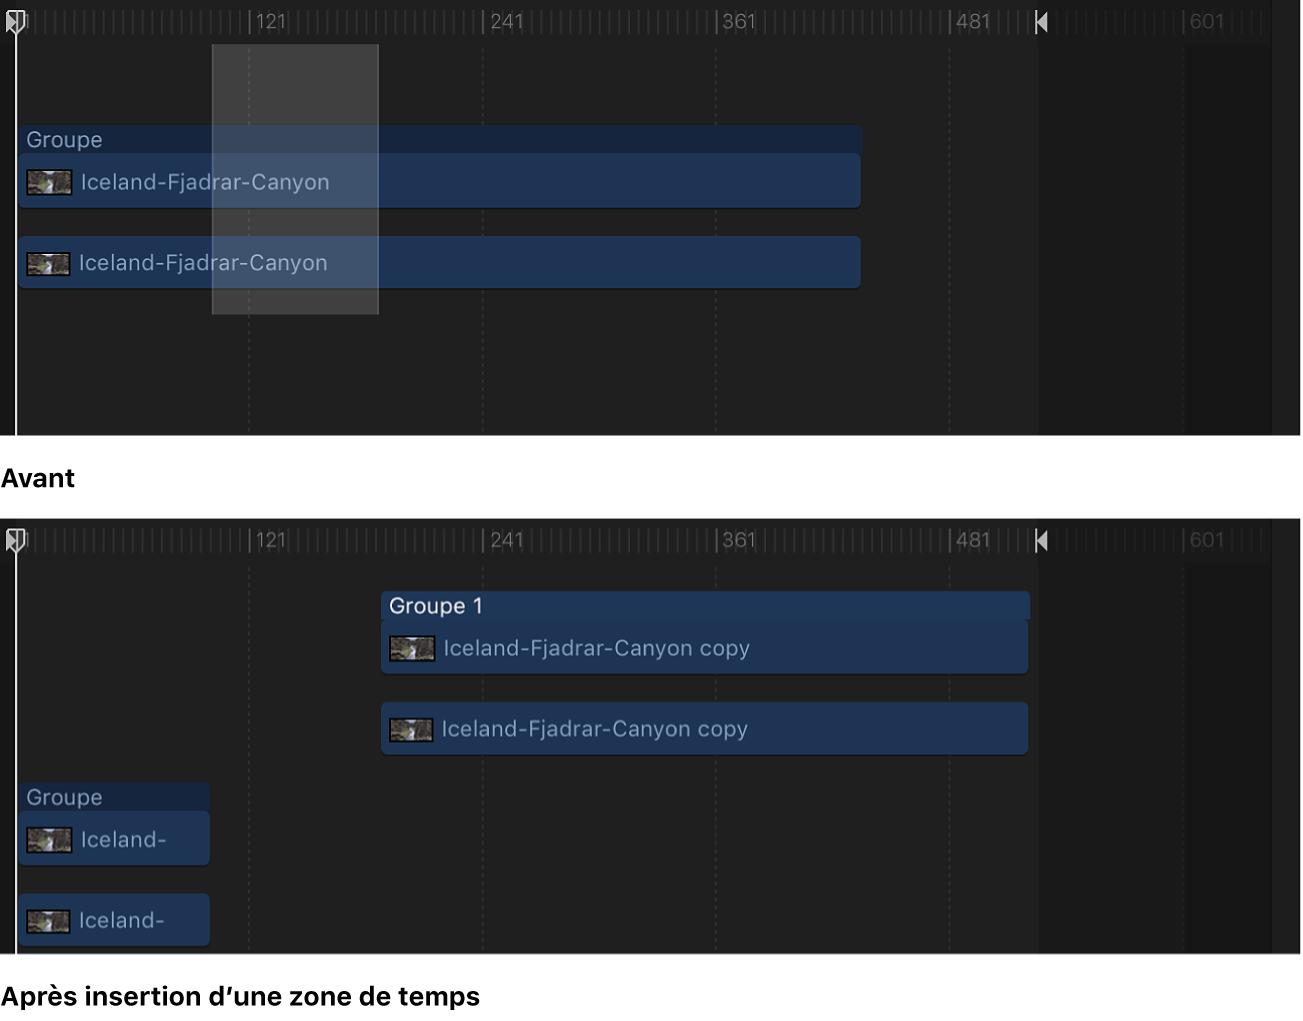 Timeline affichant un espace vide inséré dans une séquence